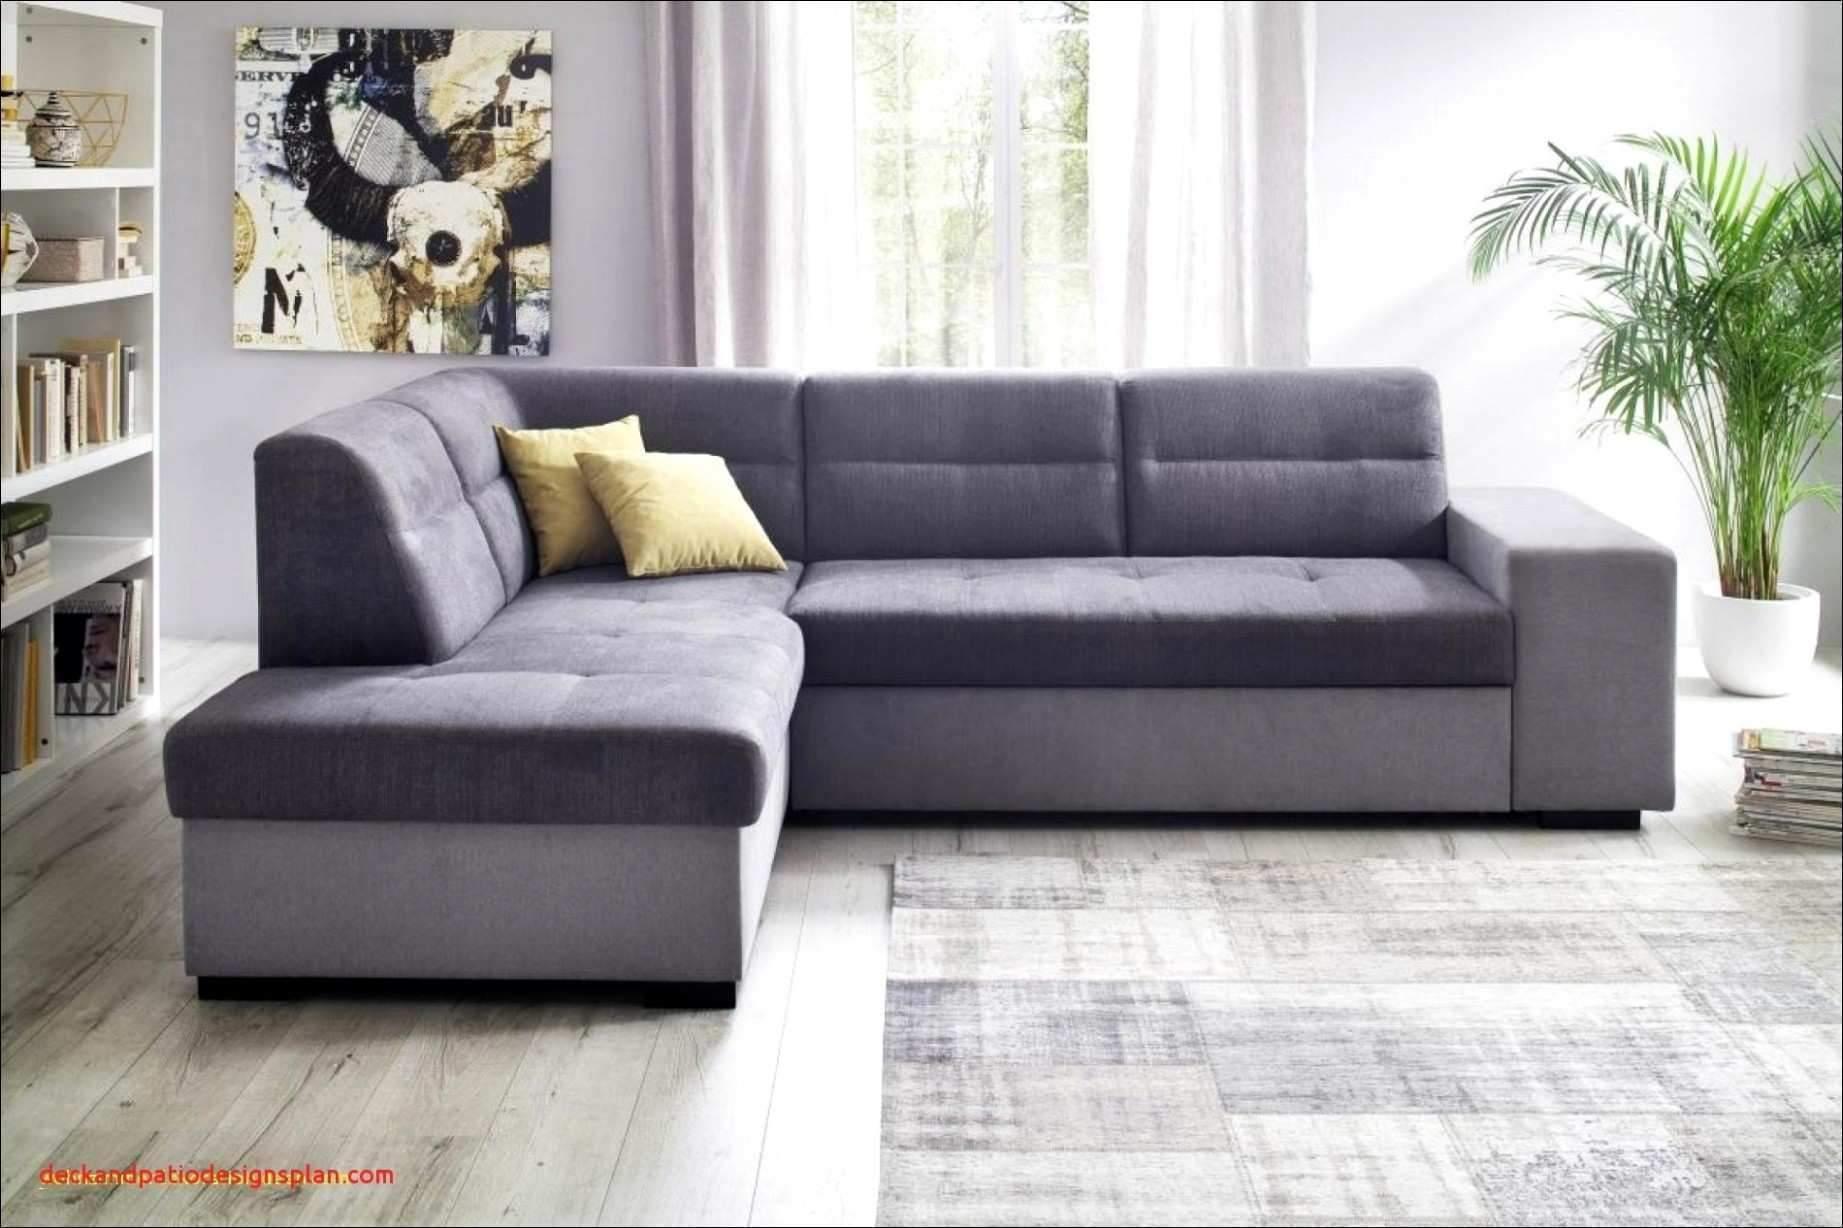 deko wohnzimmer selber machen reizend wohnzimmer deko selber machen ideen was solltest du tun of deko wohnzimmer selber machen